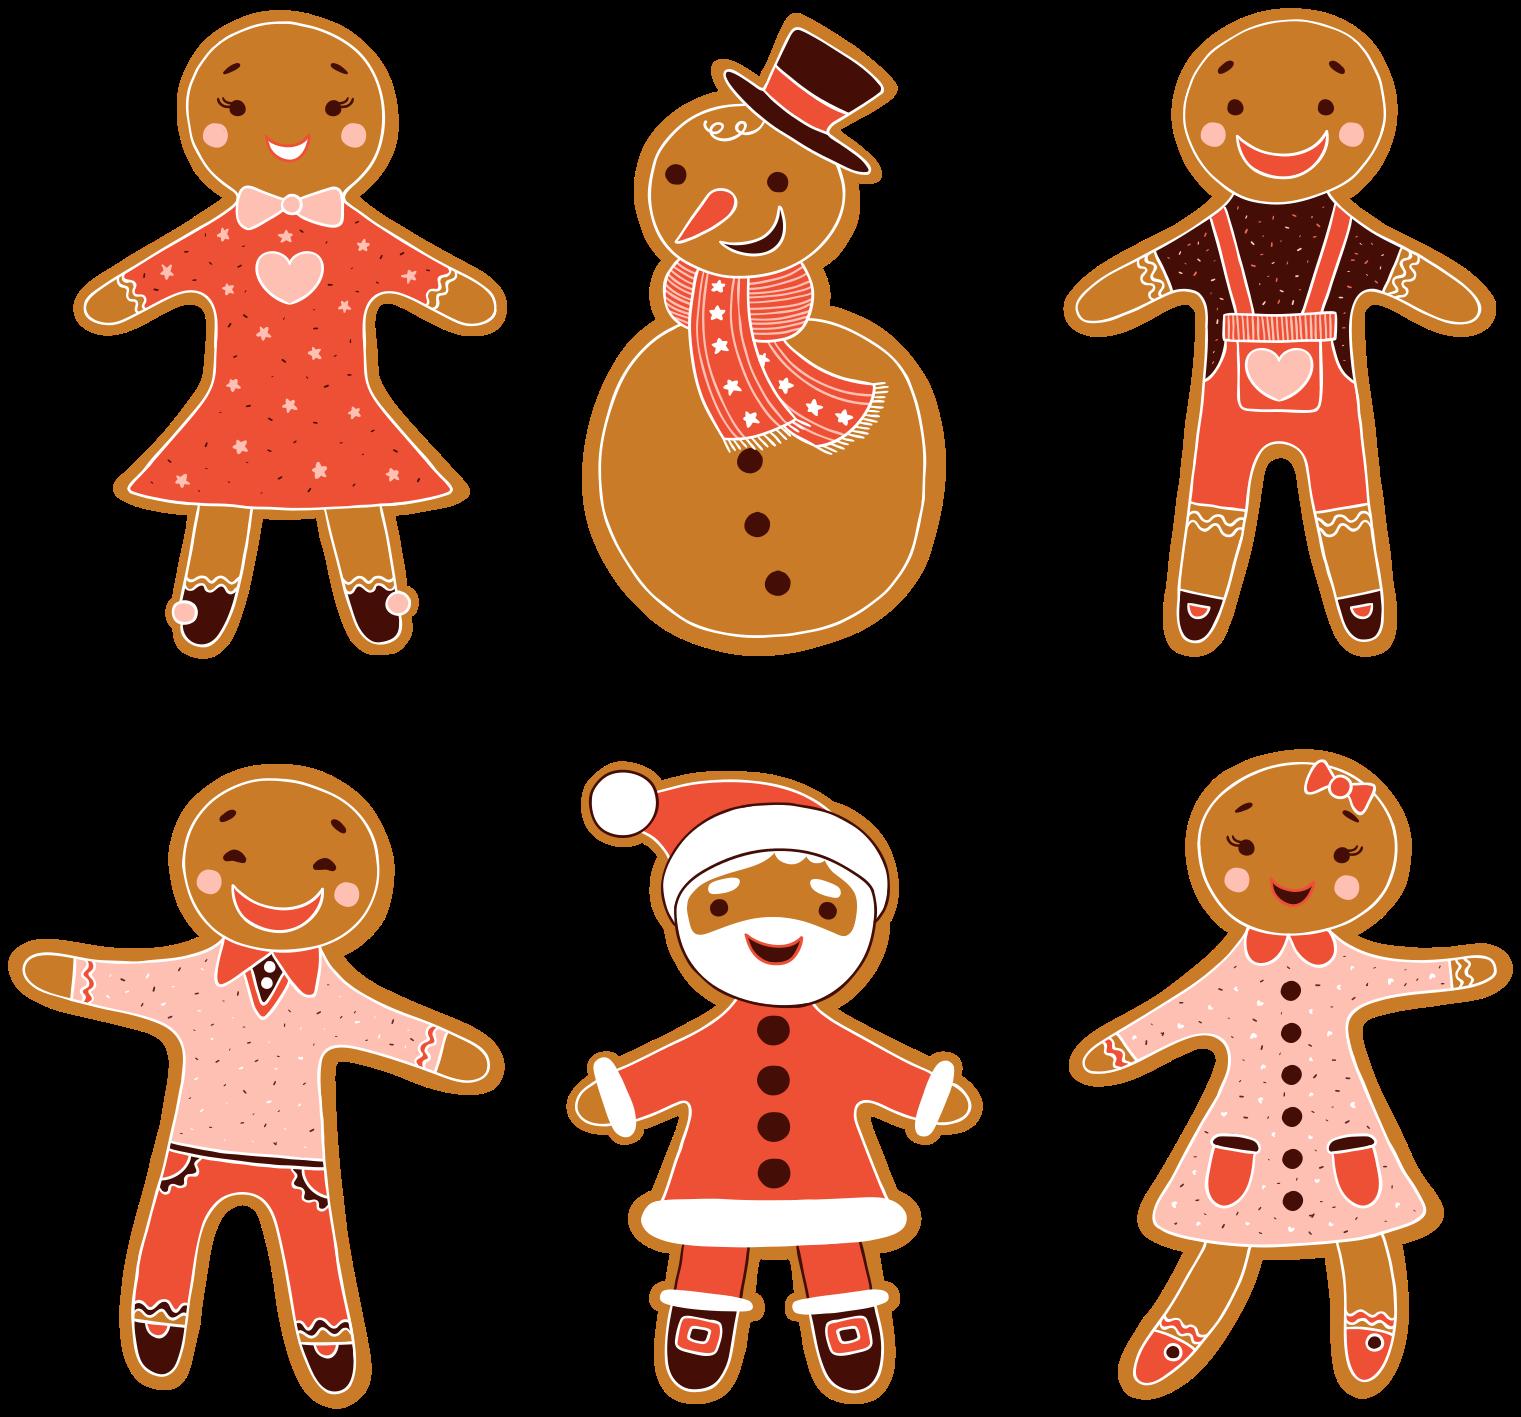 TenStickers. Kerststickers Verschillende kerstfiguren. Decoratieve kerst decoratieve muursticker ontwerp het ontwerp is voorzien van verschillende figuren van sneeuwman, kerstman etc. Eenvoudig aan te brengen en van hoge kwaliteit.